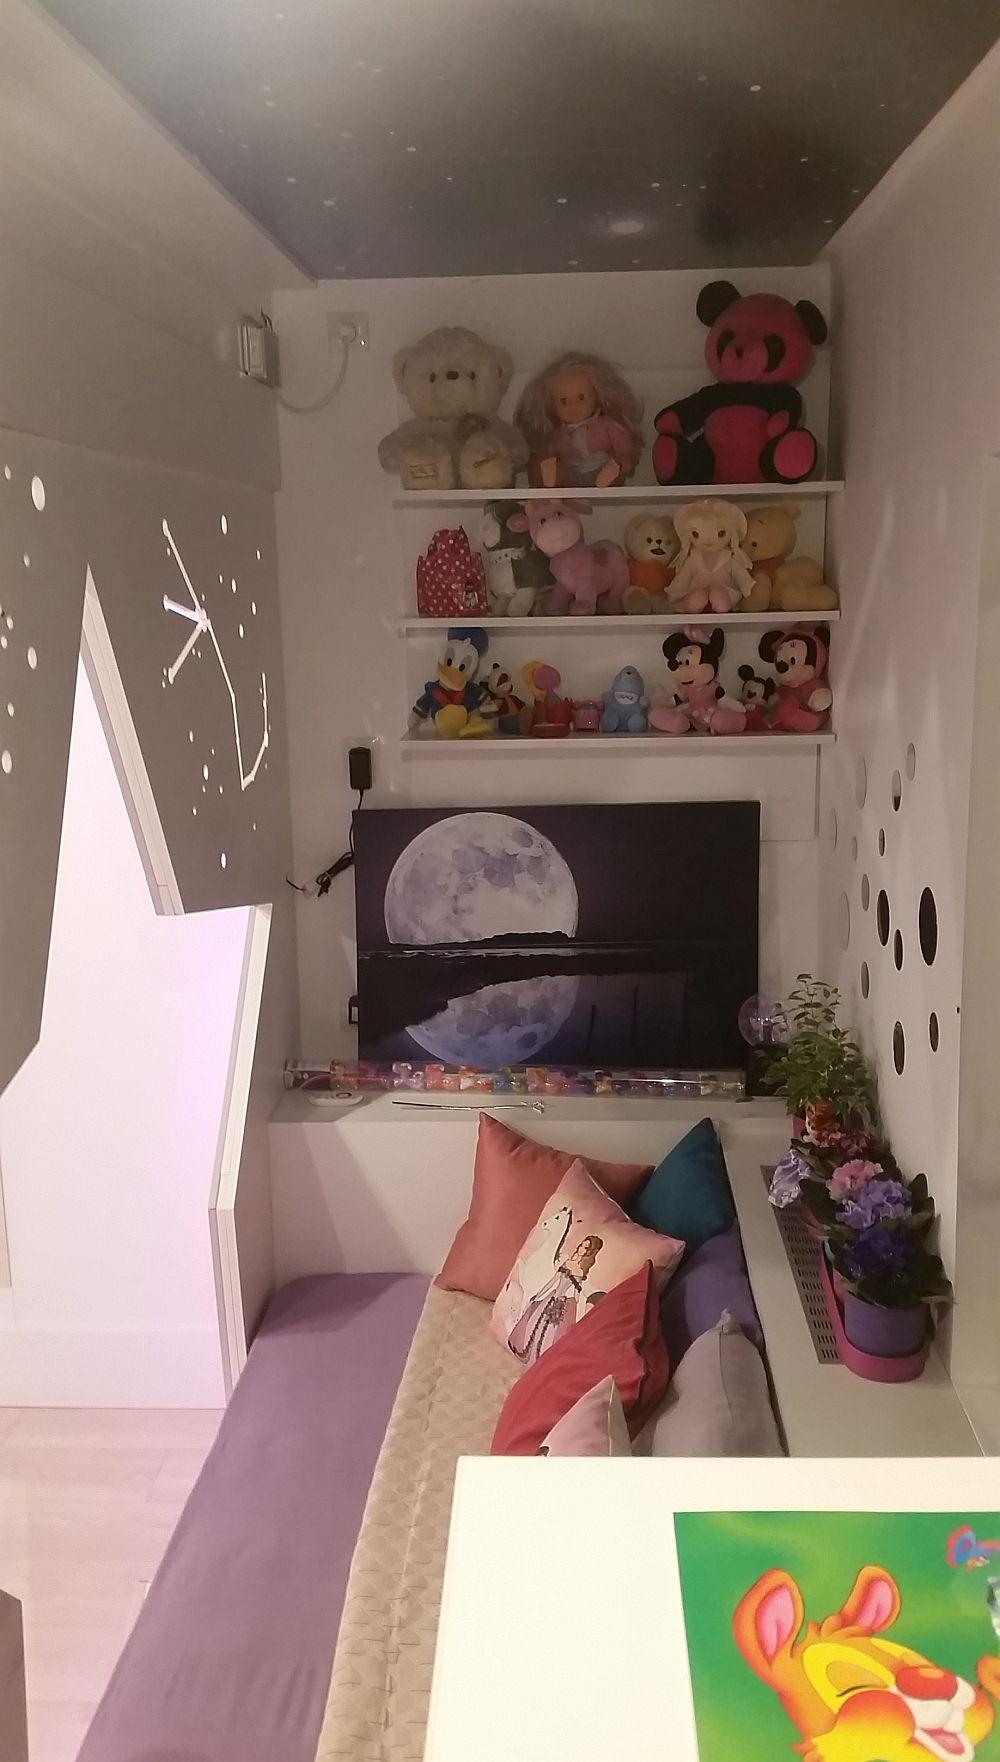 La capătul patului este loc pentru rafturi, pe care sunt așezate jucăriile dragi Anastasiei pentru a le avea la îndemână.